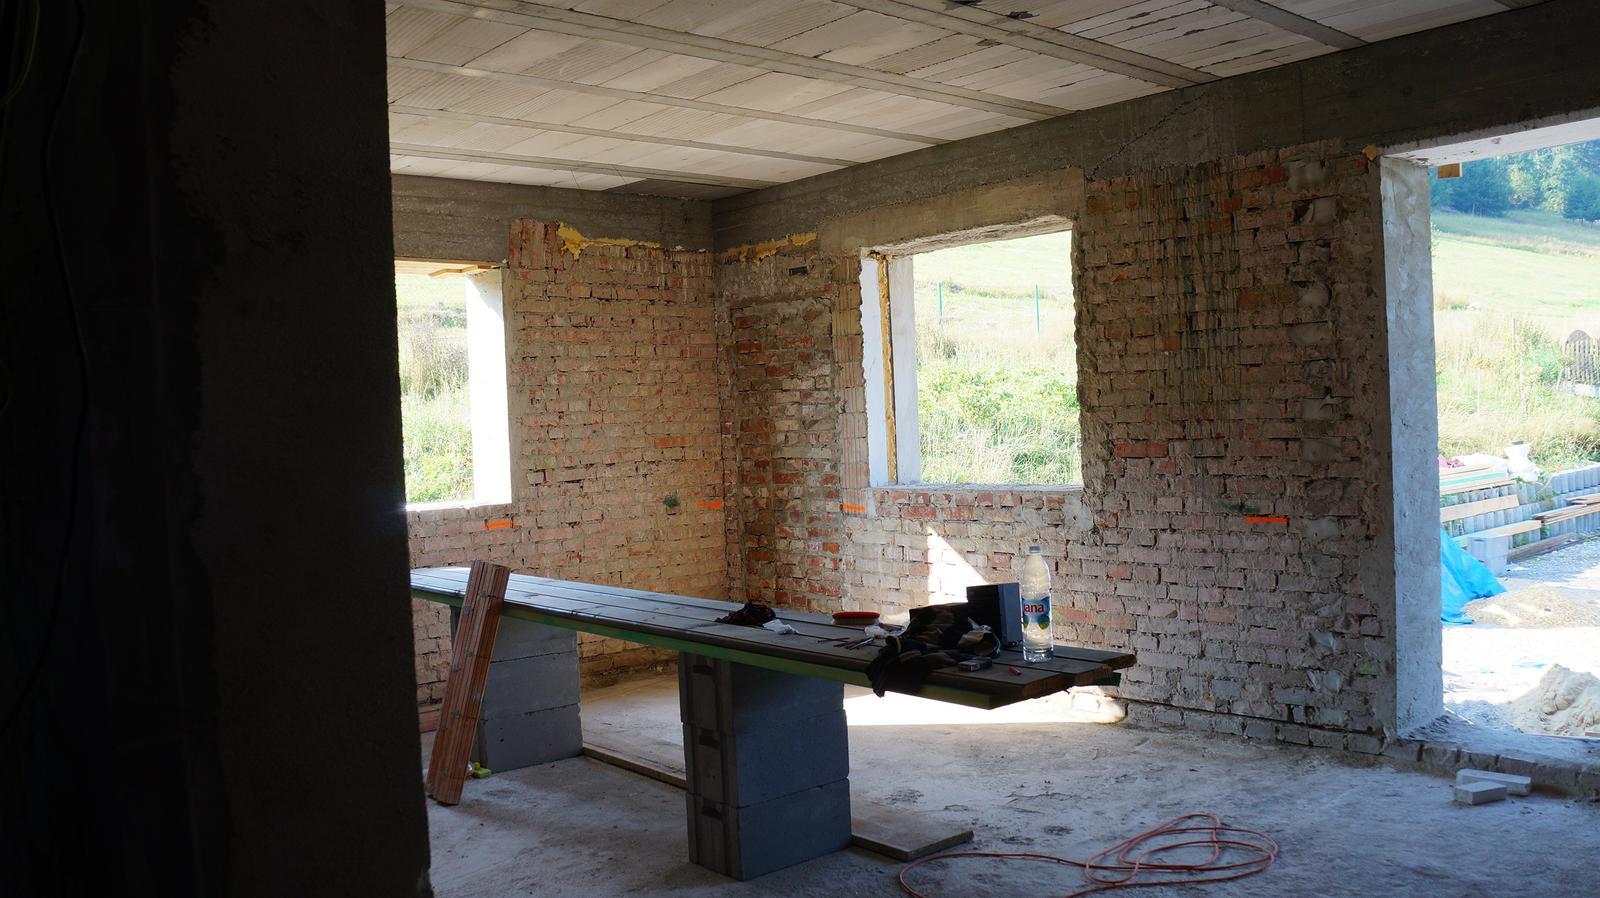 *Sen-stavba-dom-domov * - denný priestor, obývačka spojená s kuchyňuo :ň